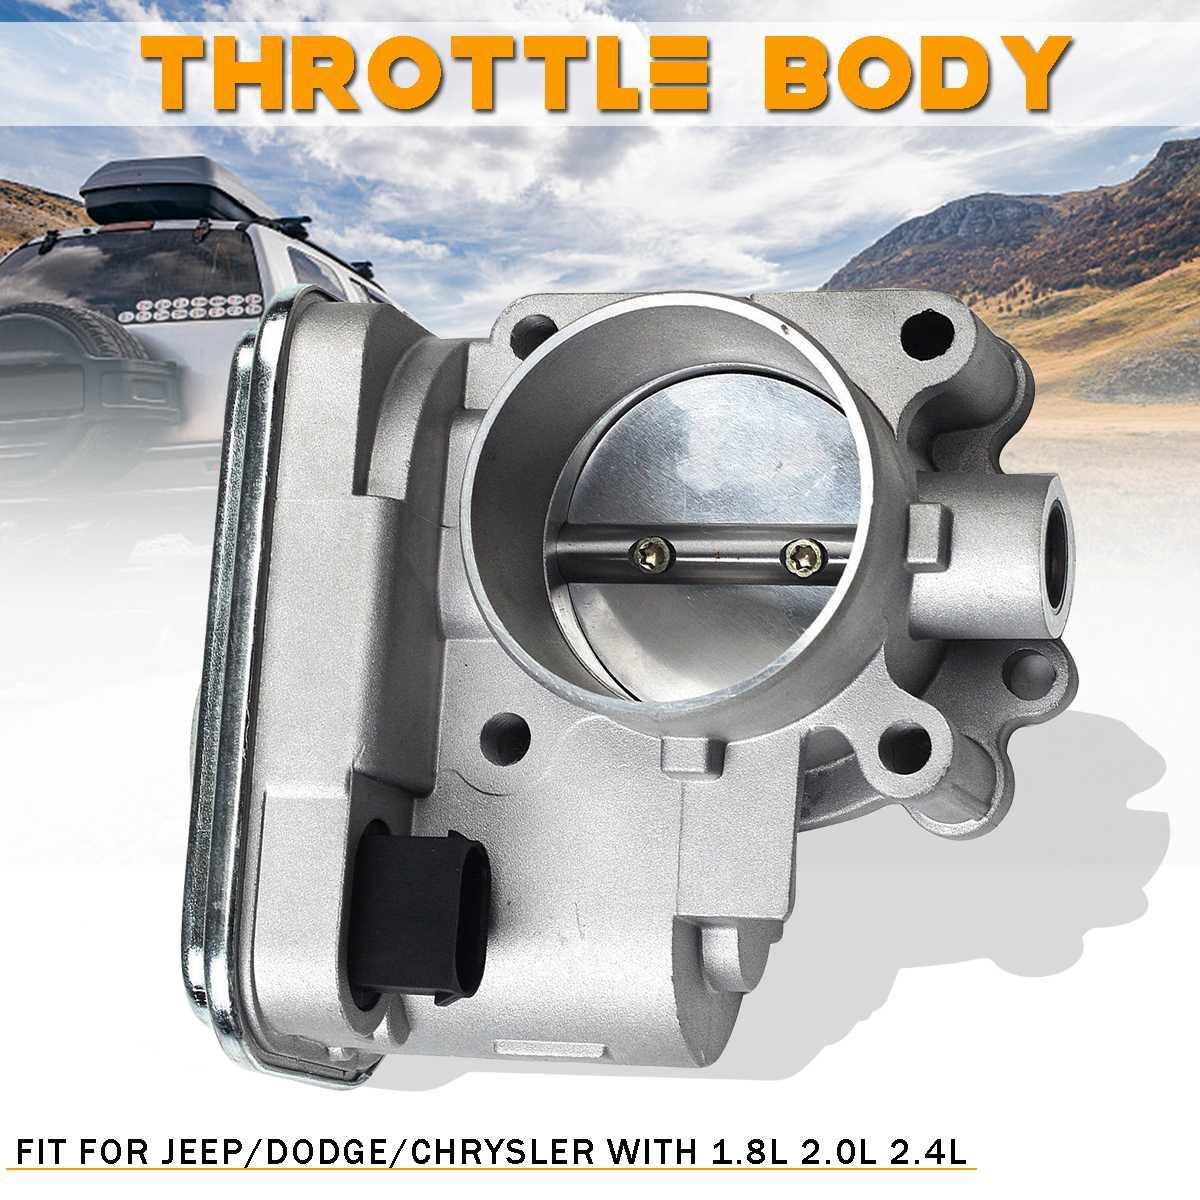 Throttle Body For Dodge Avenger Journey Jeep Compass Chrysler 200 1.8 2.0 2.4L